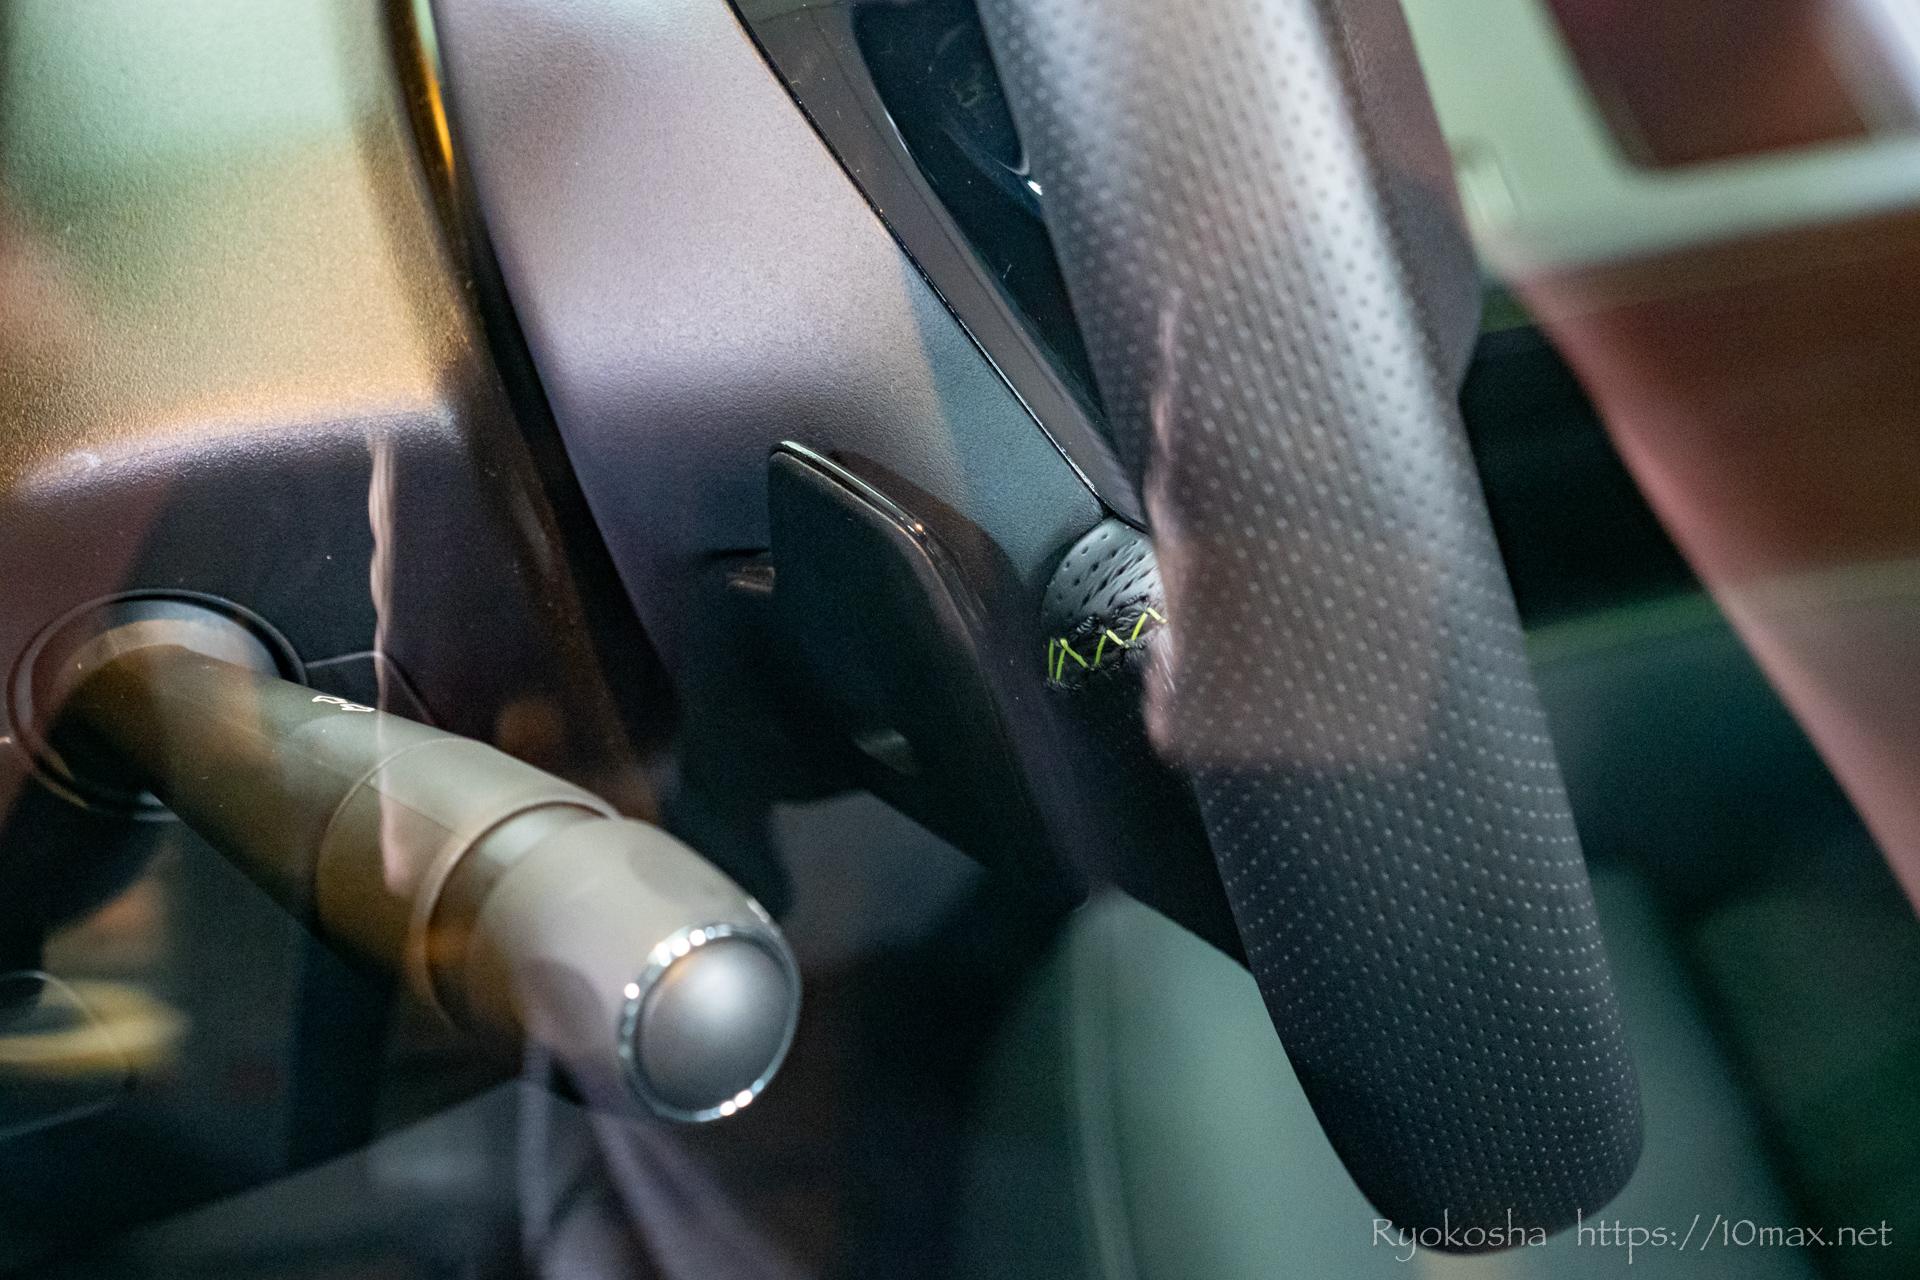 プジョー 308 新型 LION EXPERIENCE 2021 六本木ヒルズ 実車 写真 パドルシフト ハンドル固定式